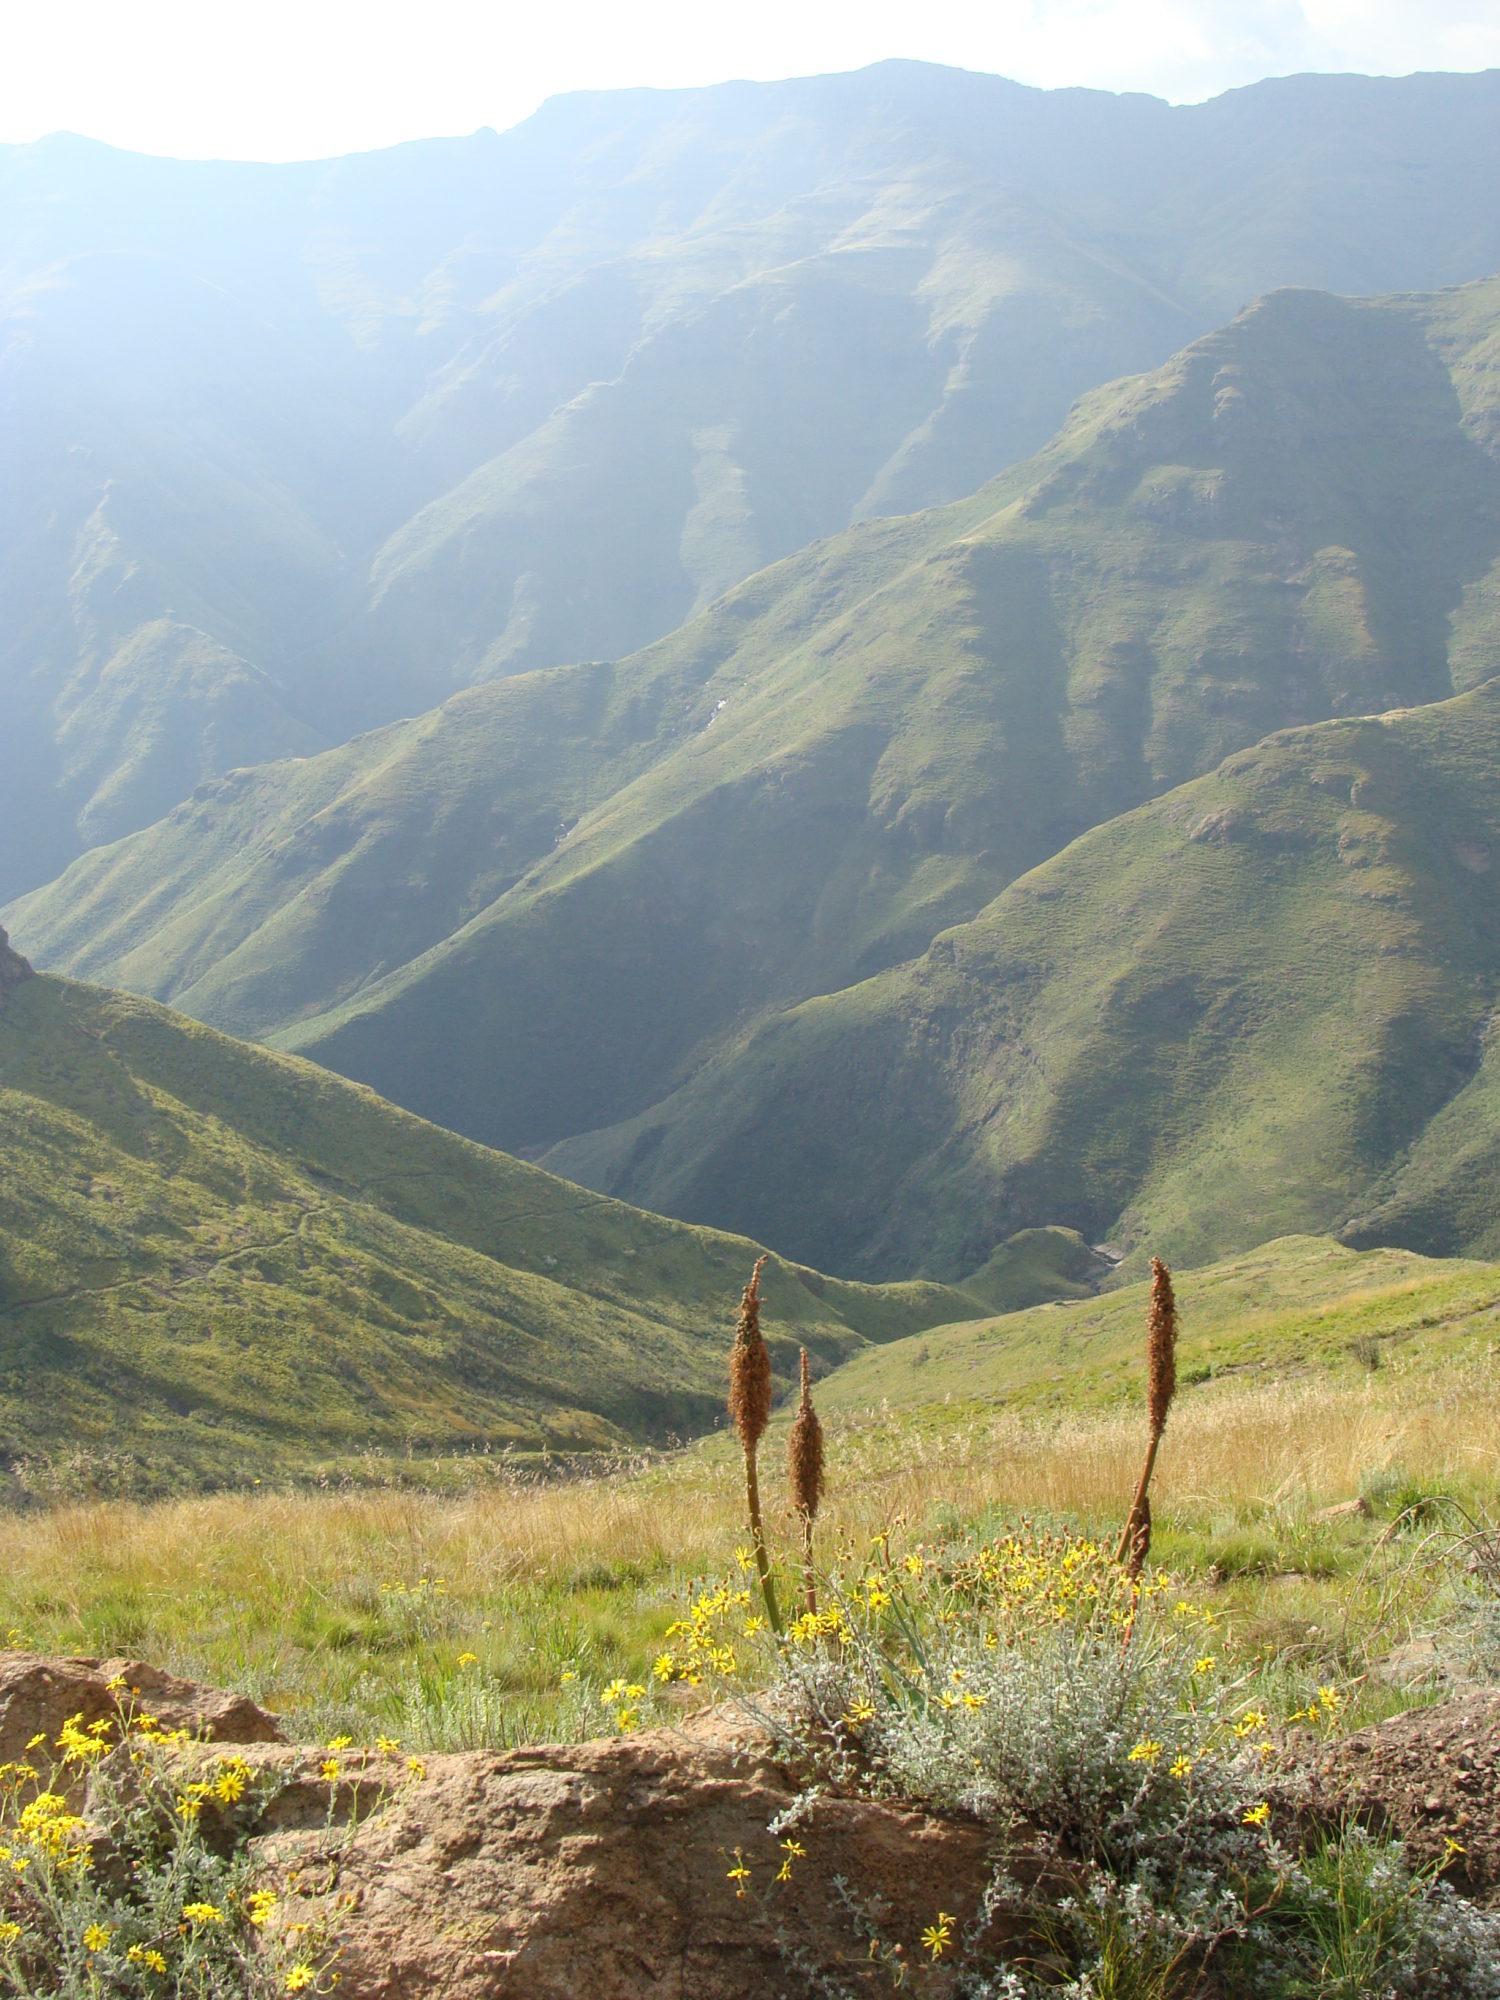 Ts'enhlanyane National Park, Lesotho